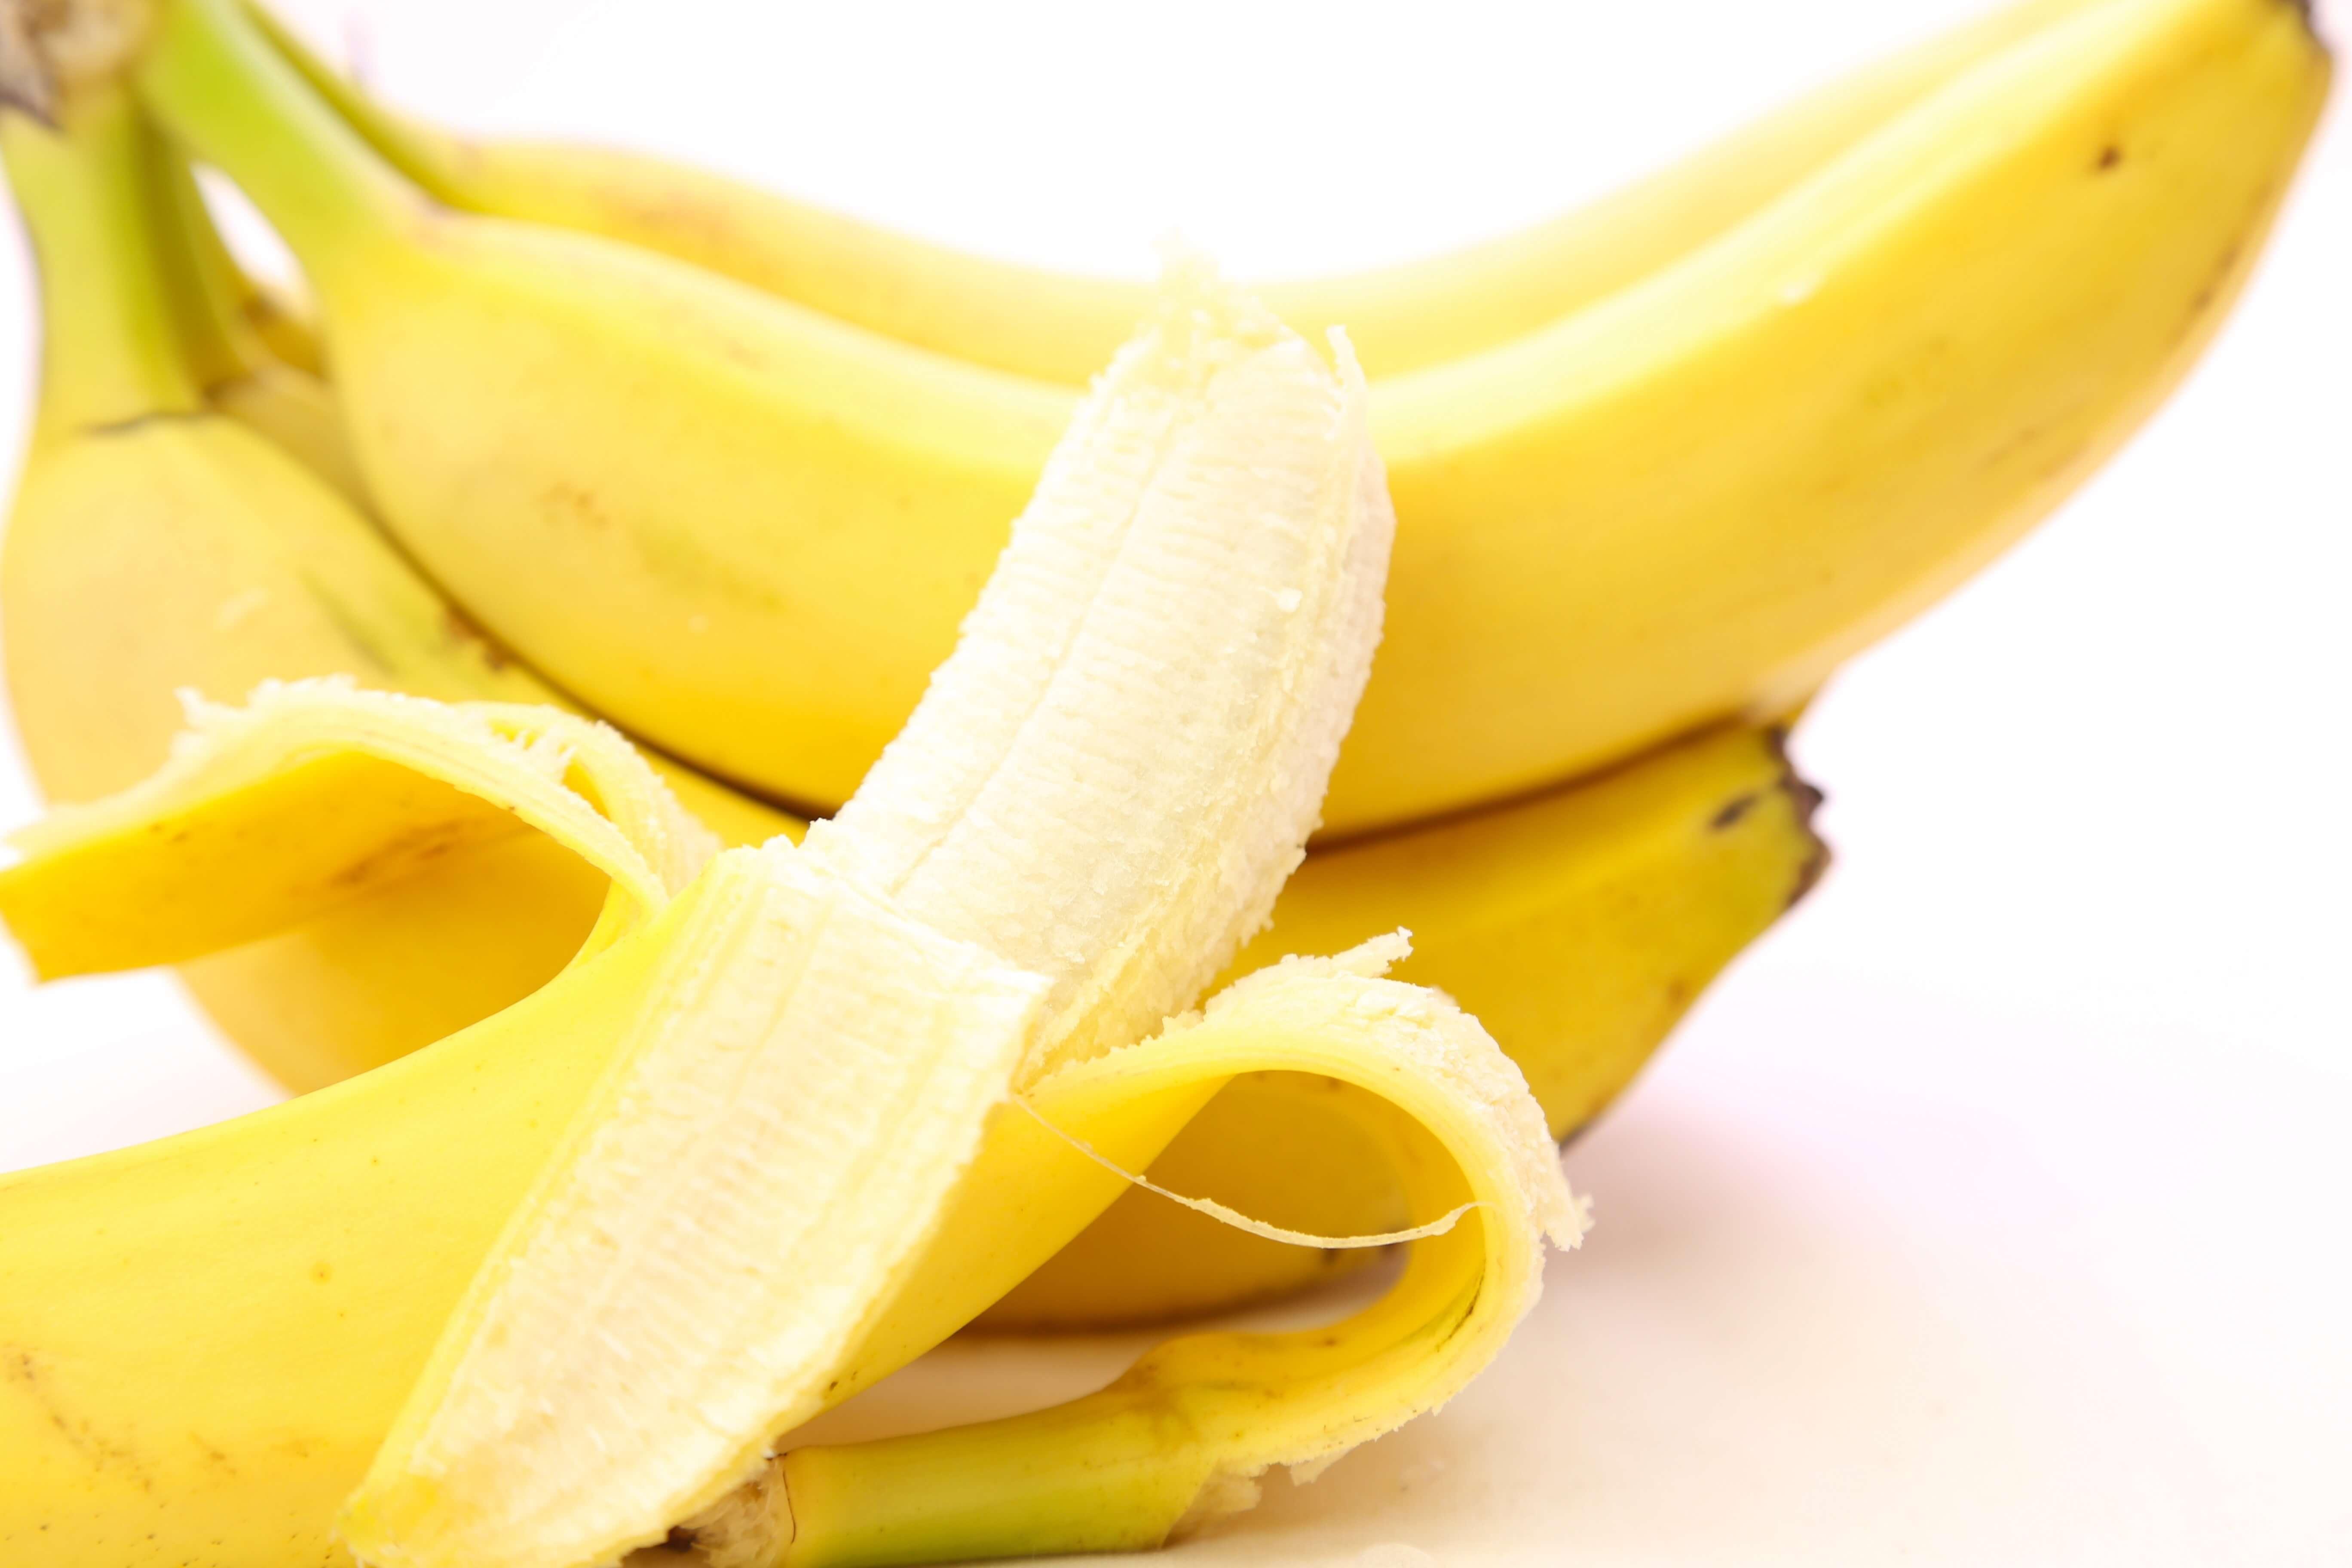 半分まで皮を剥いたバナナ